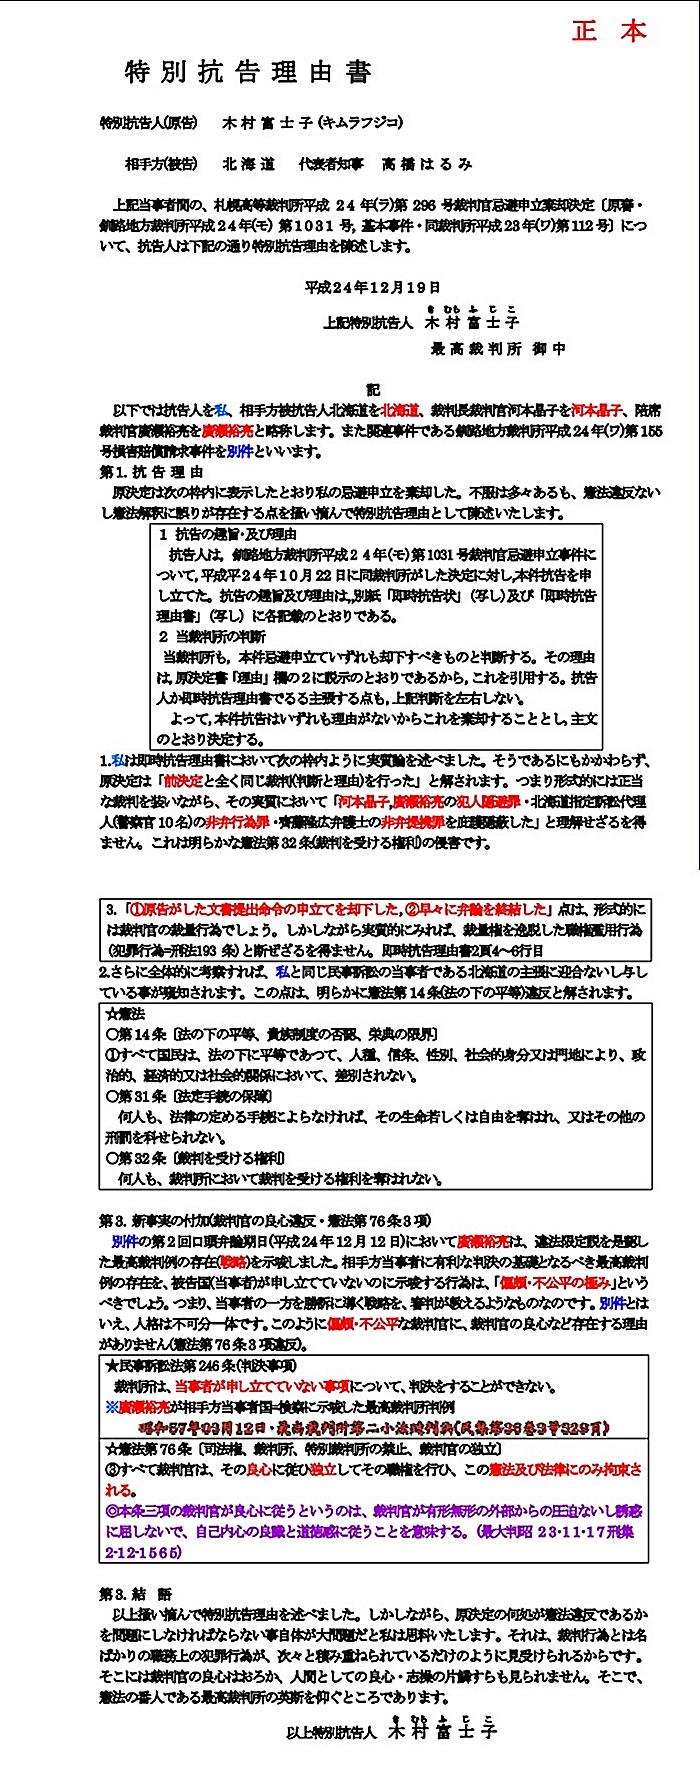 河本晶子裁判官  廣瀬裕亮裁判官 特別抗告